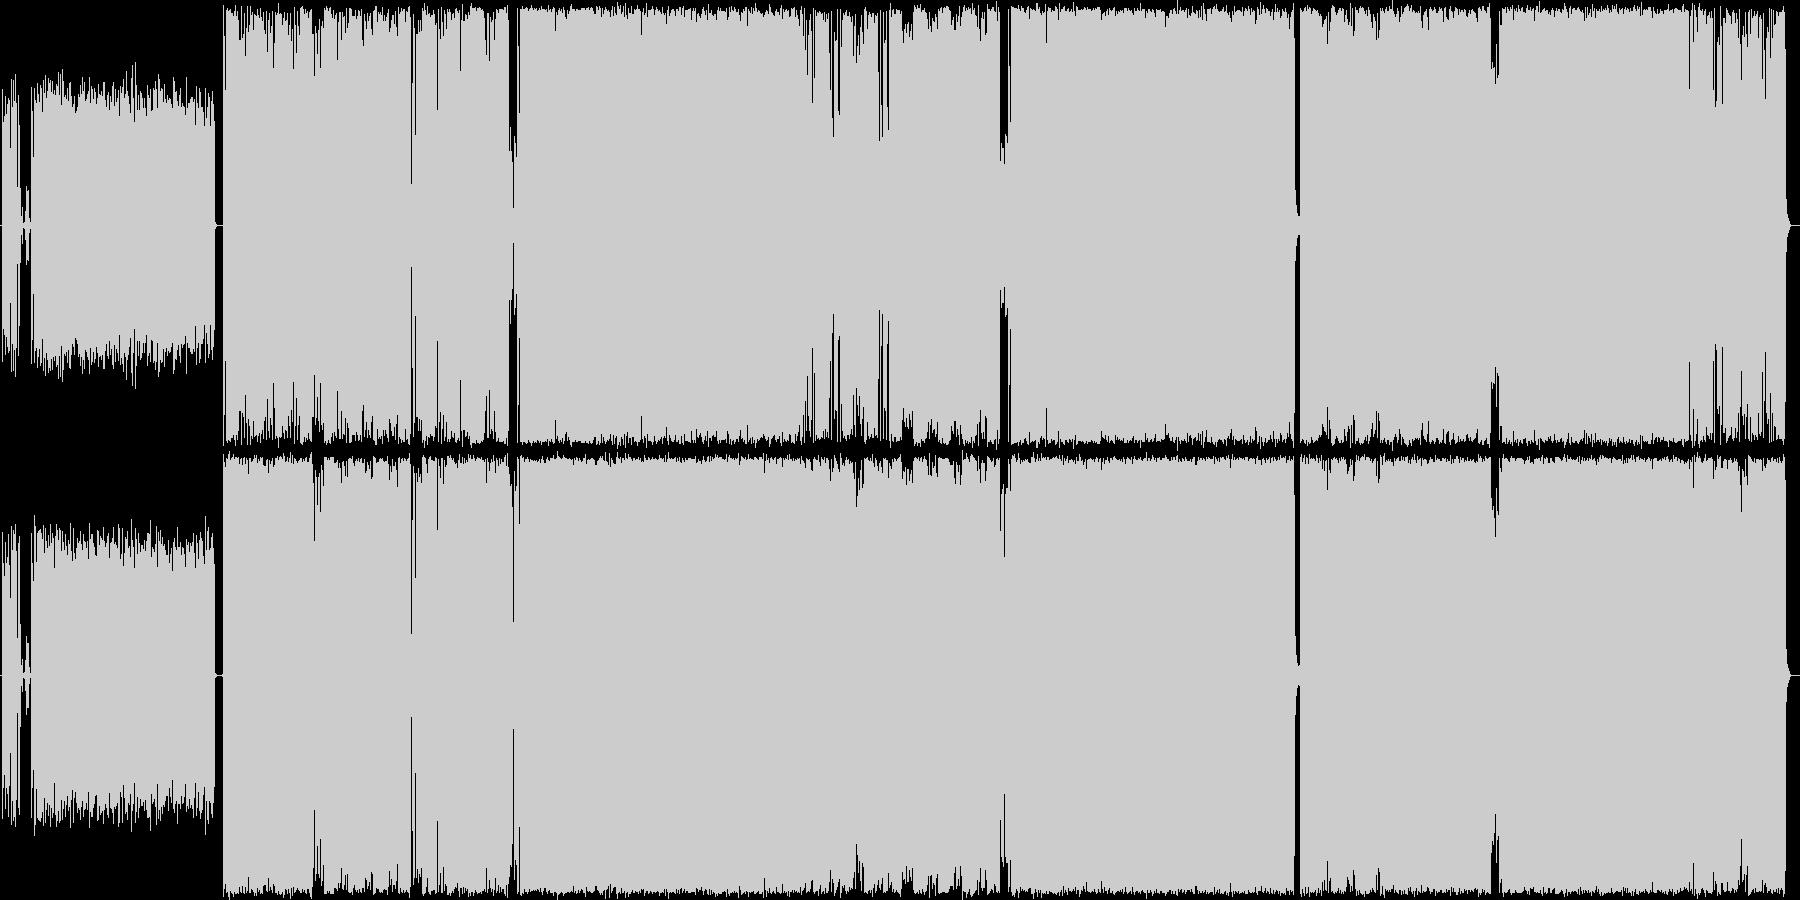 鼻歌で歌えるハードロックの未再生の波形